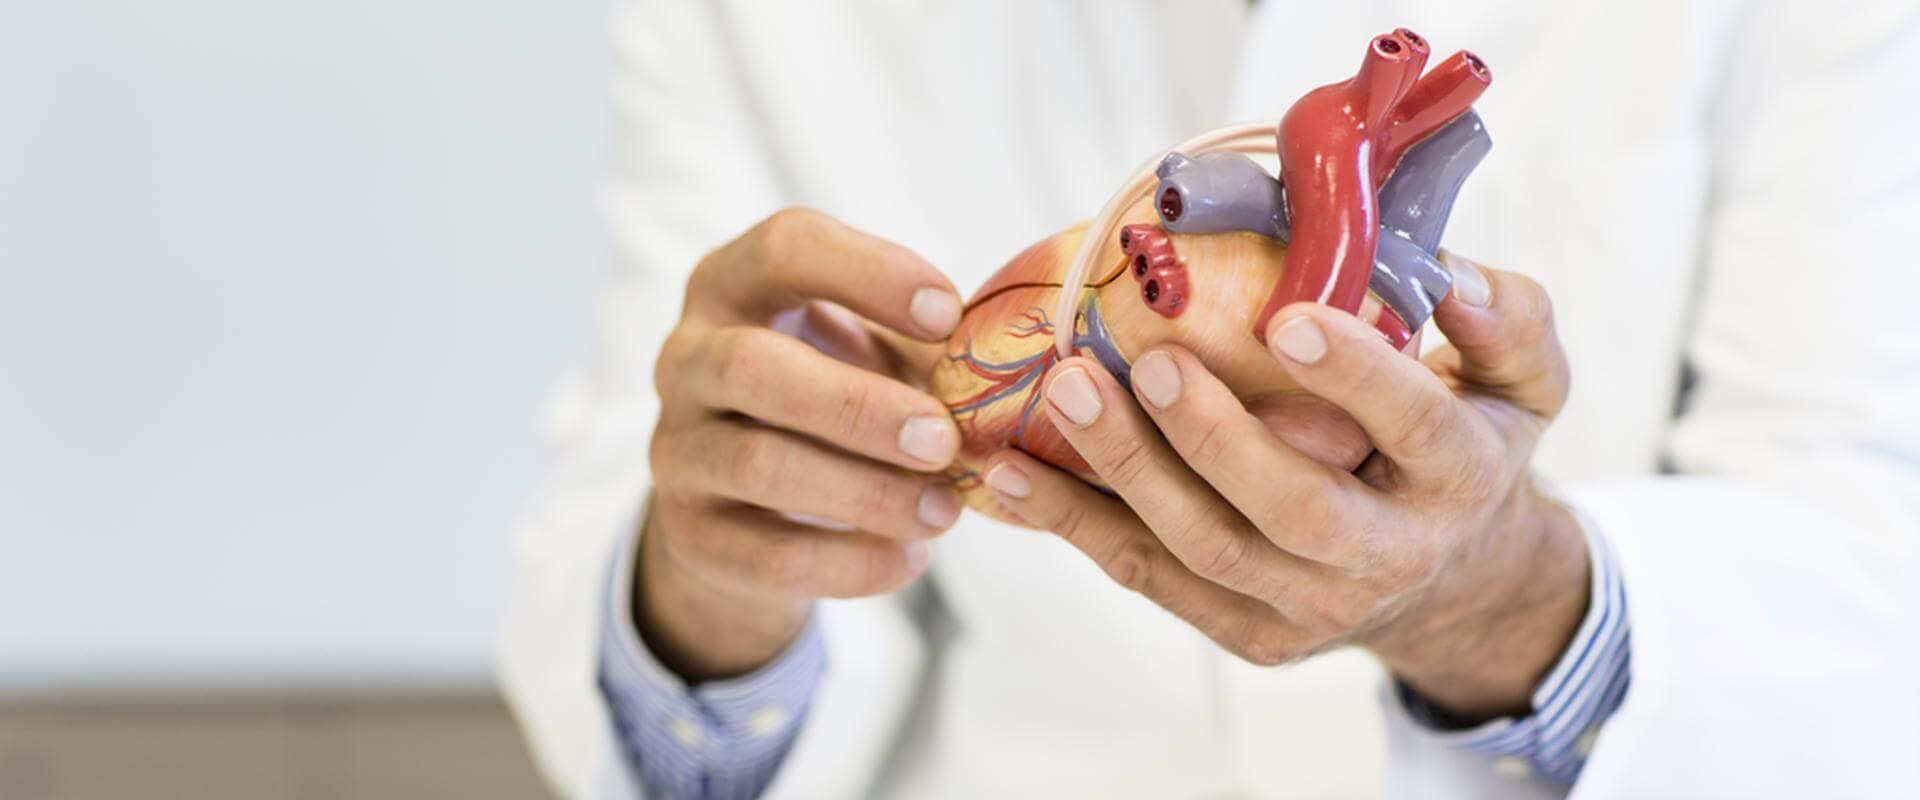 Arzt erklärt etwas anhand eines Herzmodells